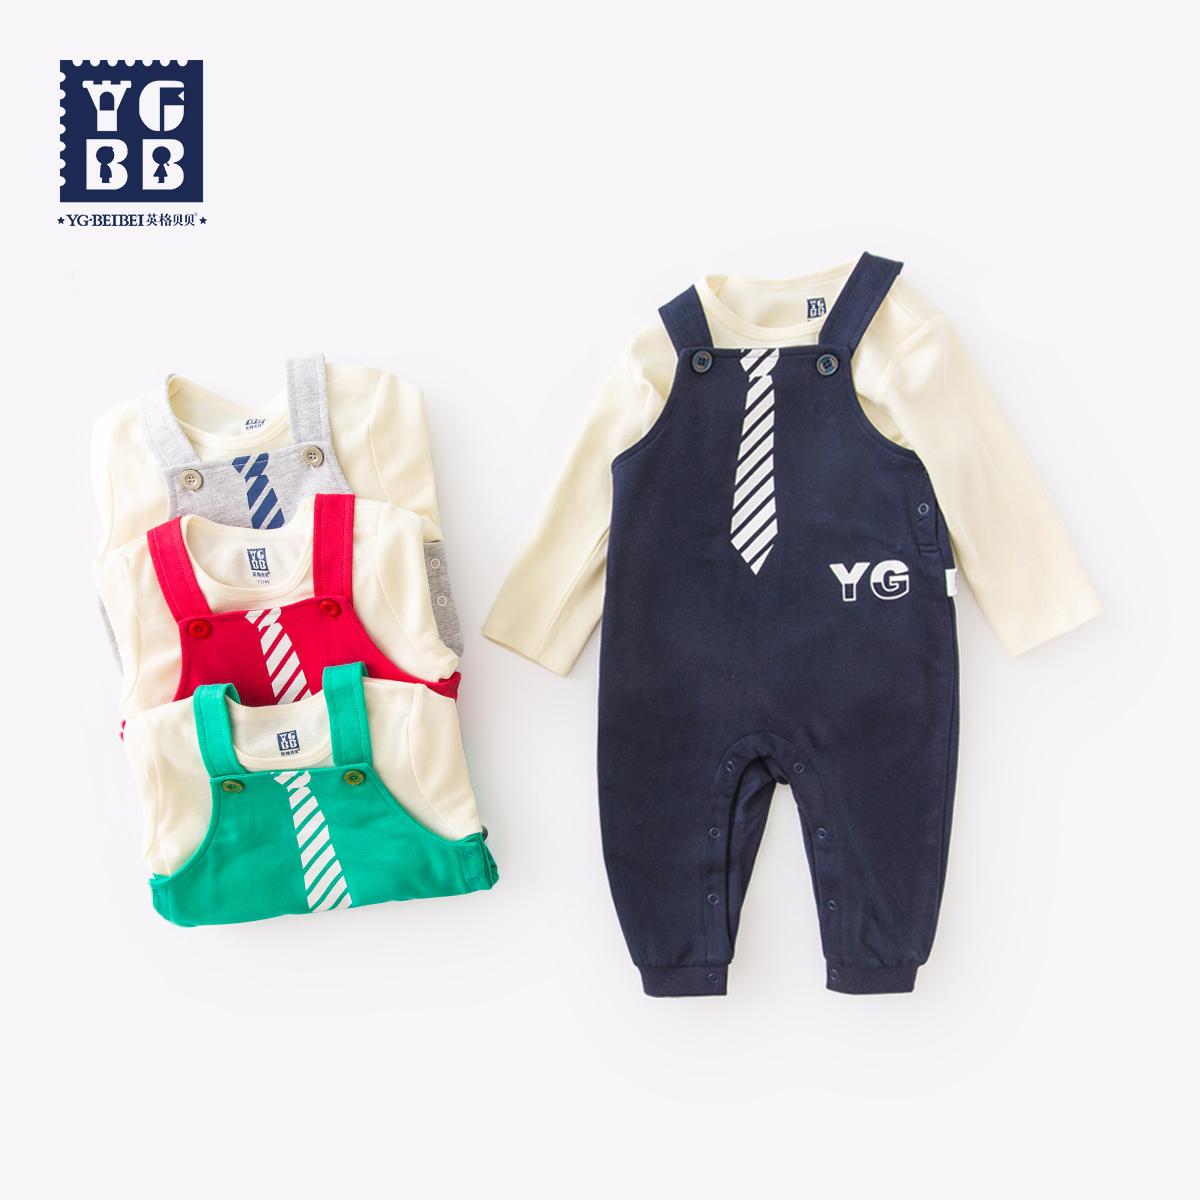 Одежда для младенцев Артикул 550757363333